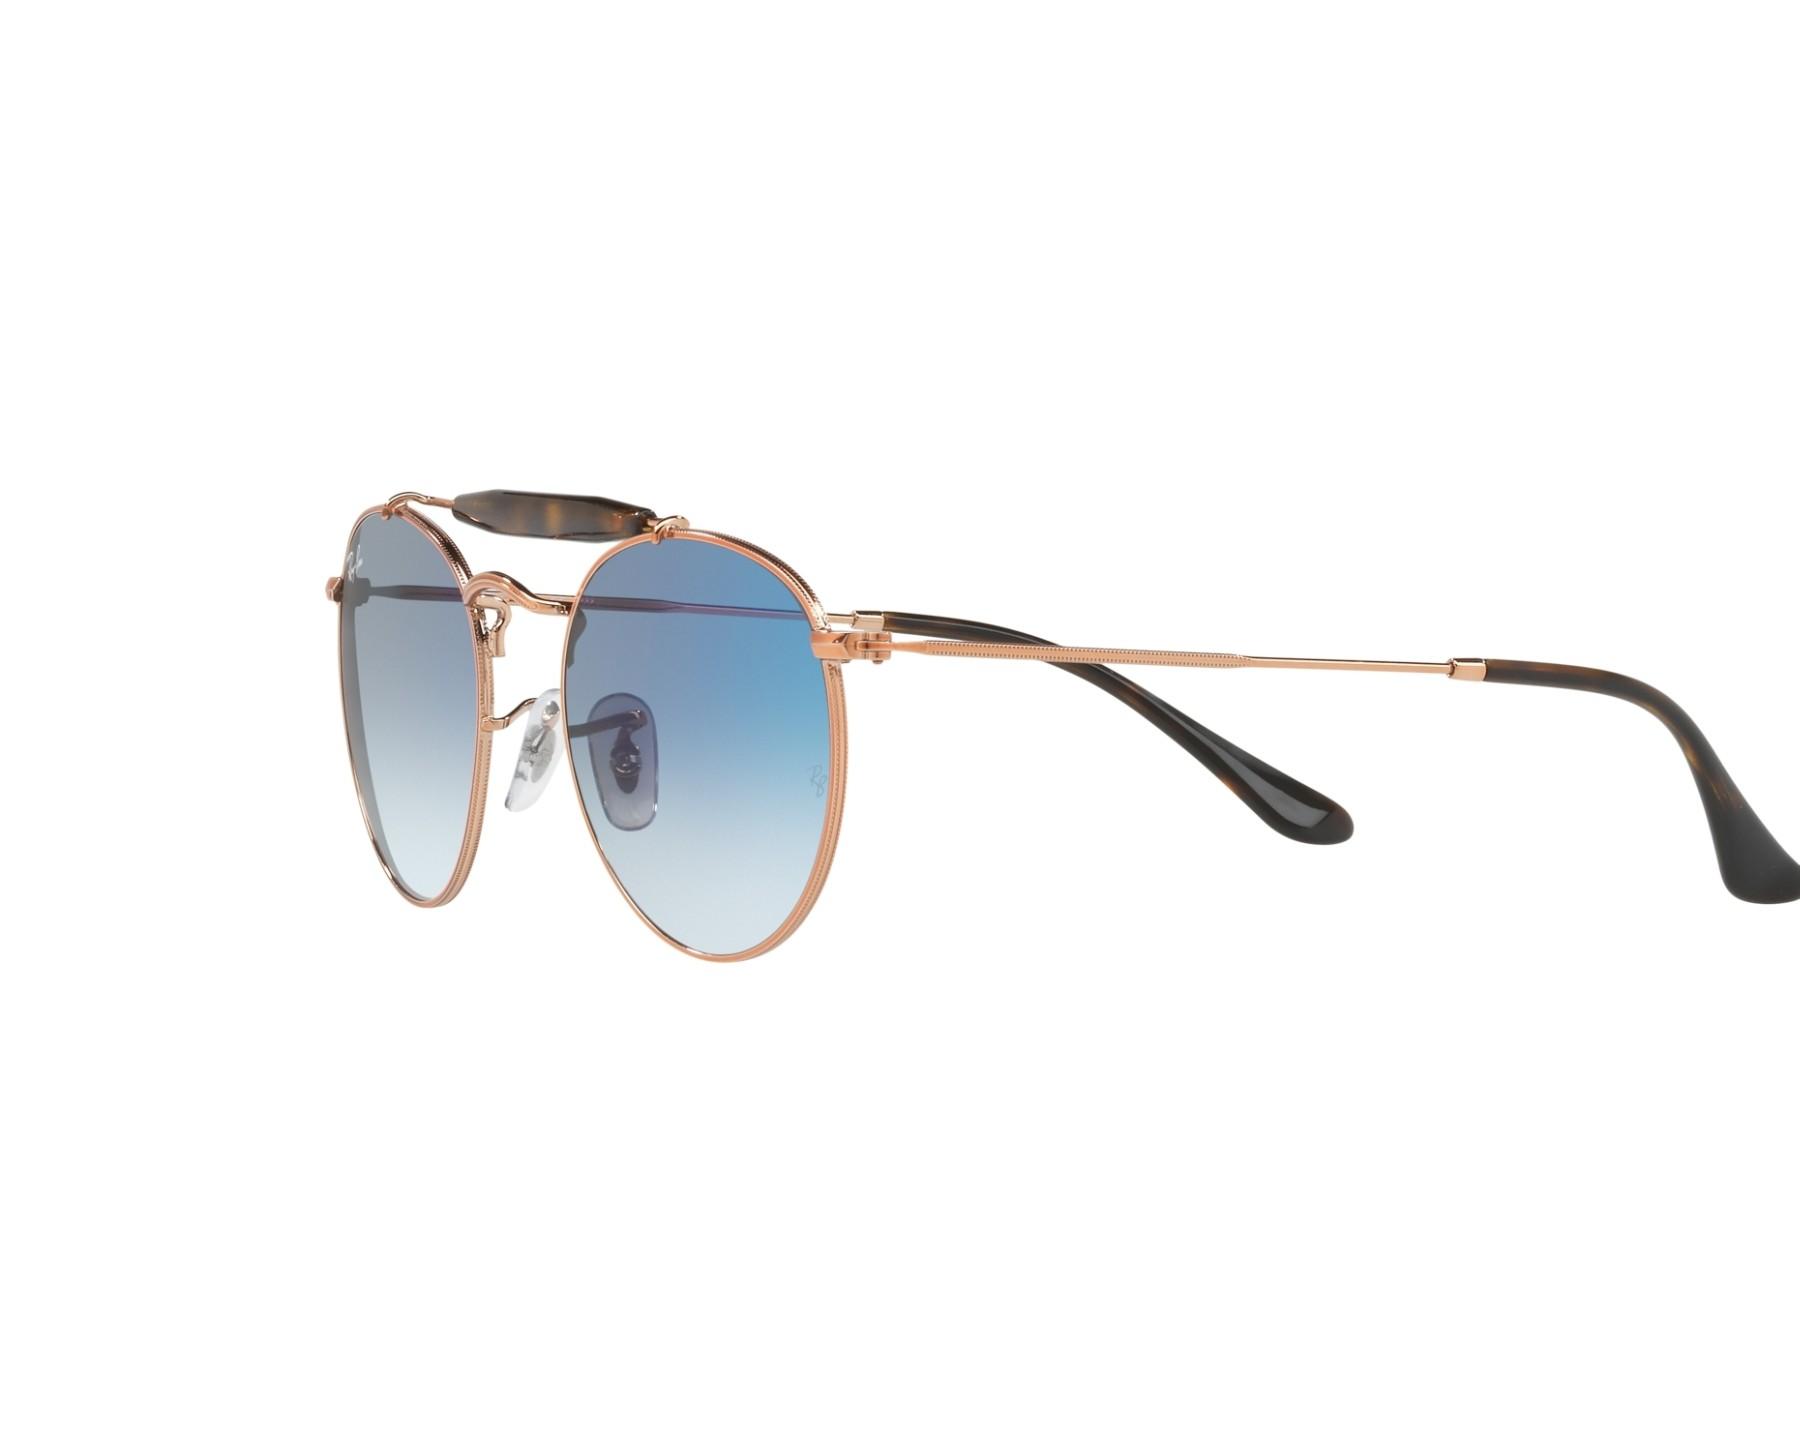 375c157e7f Ray-Ban gafas de sol RB-3747 - 90353F  Compre ahora en línea